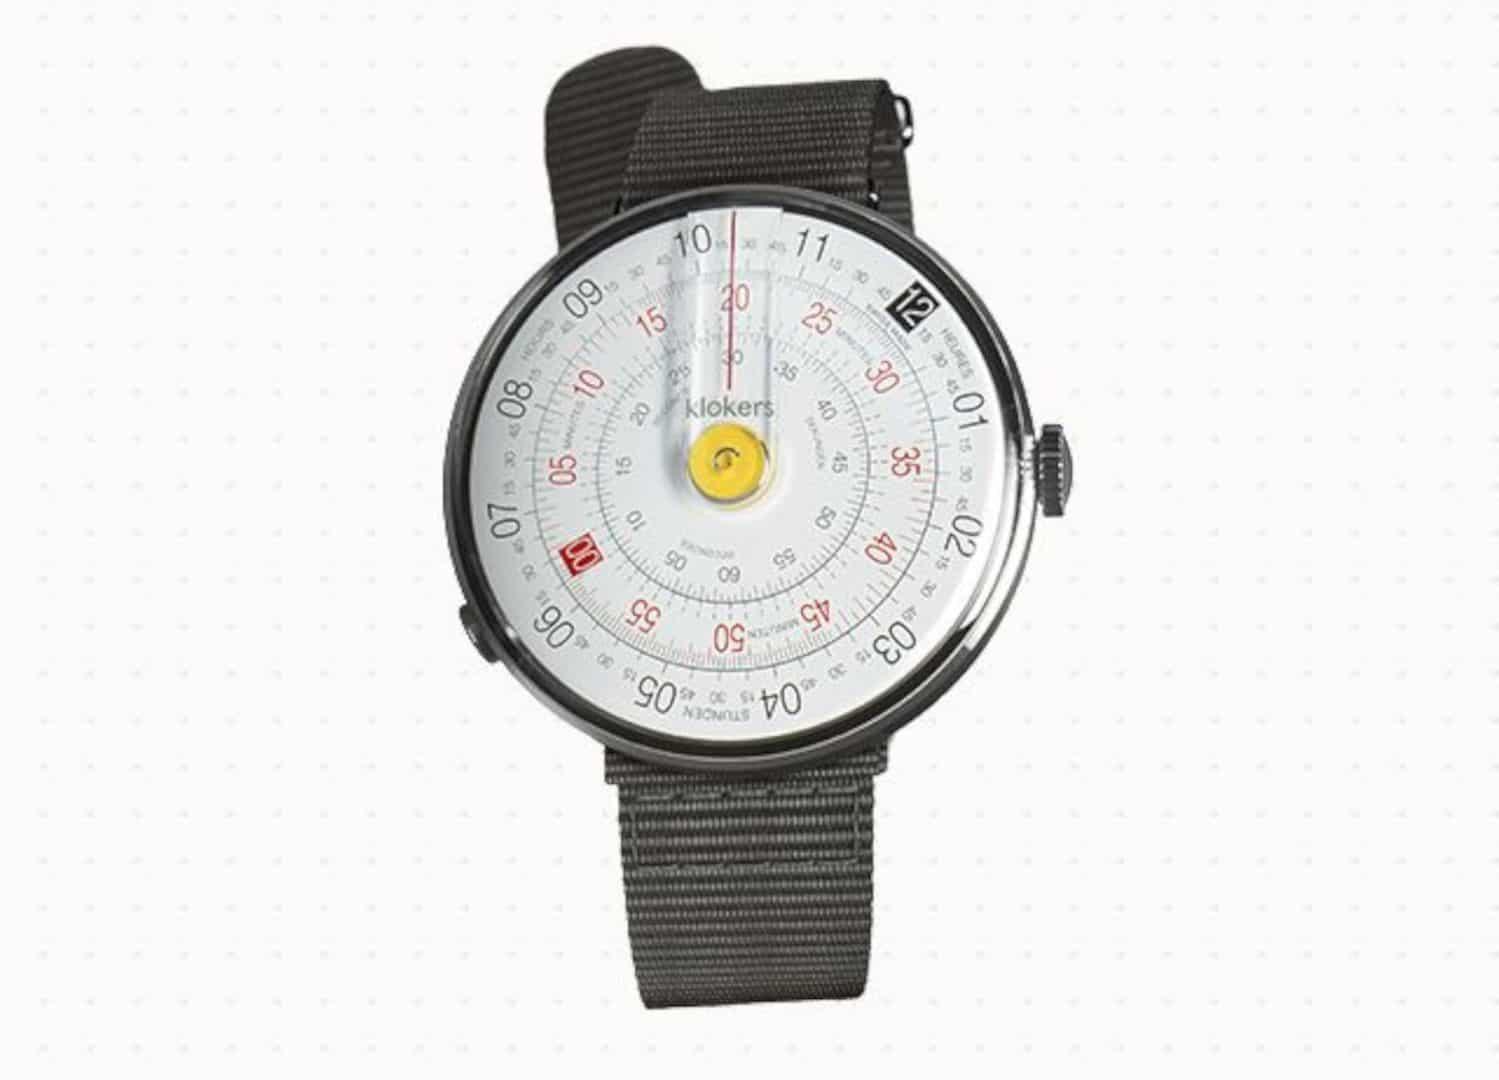 KLOK-01-TEXTILE STRAP: A Unique Watch with Stylish Textile Strap